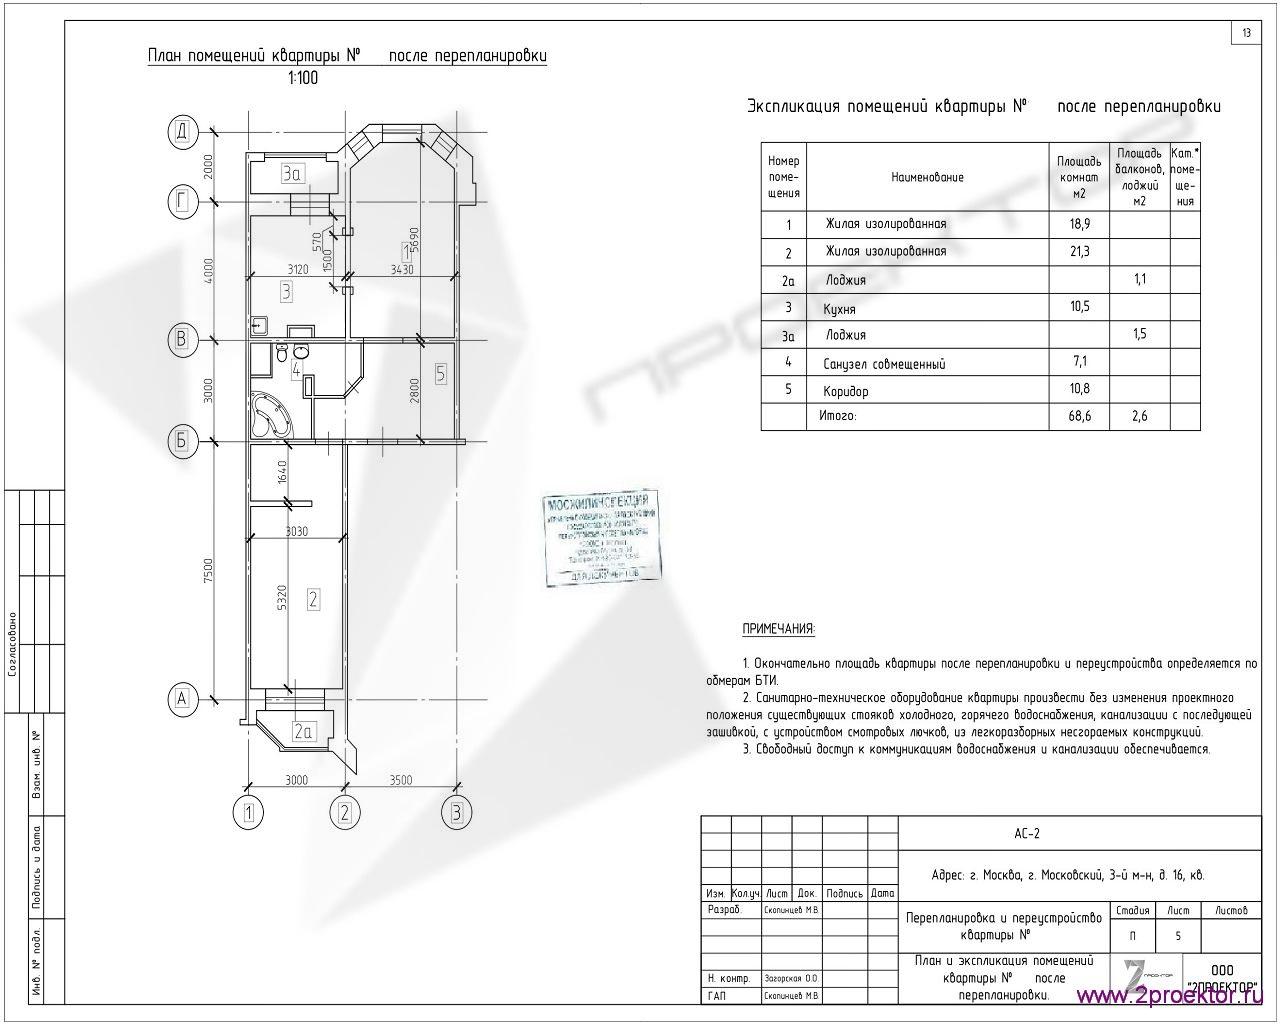 Вариант планировки квартиры в Жилом комплексе Юго-Западный, разработанный специалистами ООО «2Проектор» и согласованный Мосжилинспекцией.